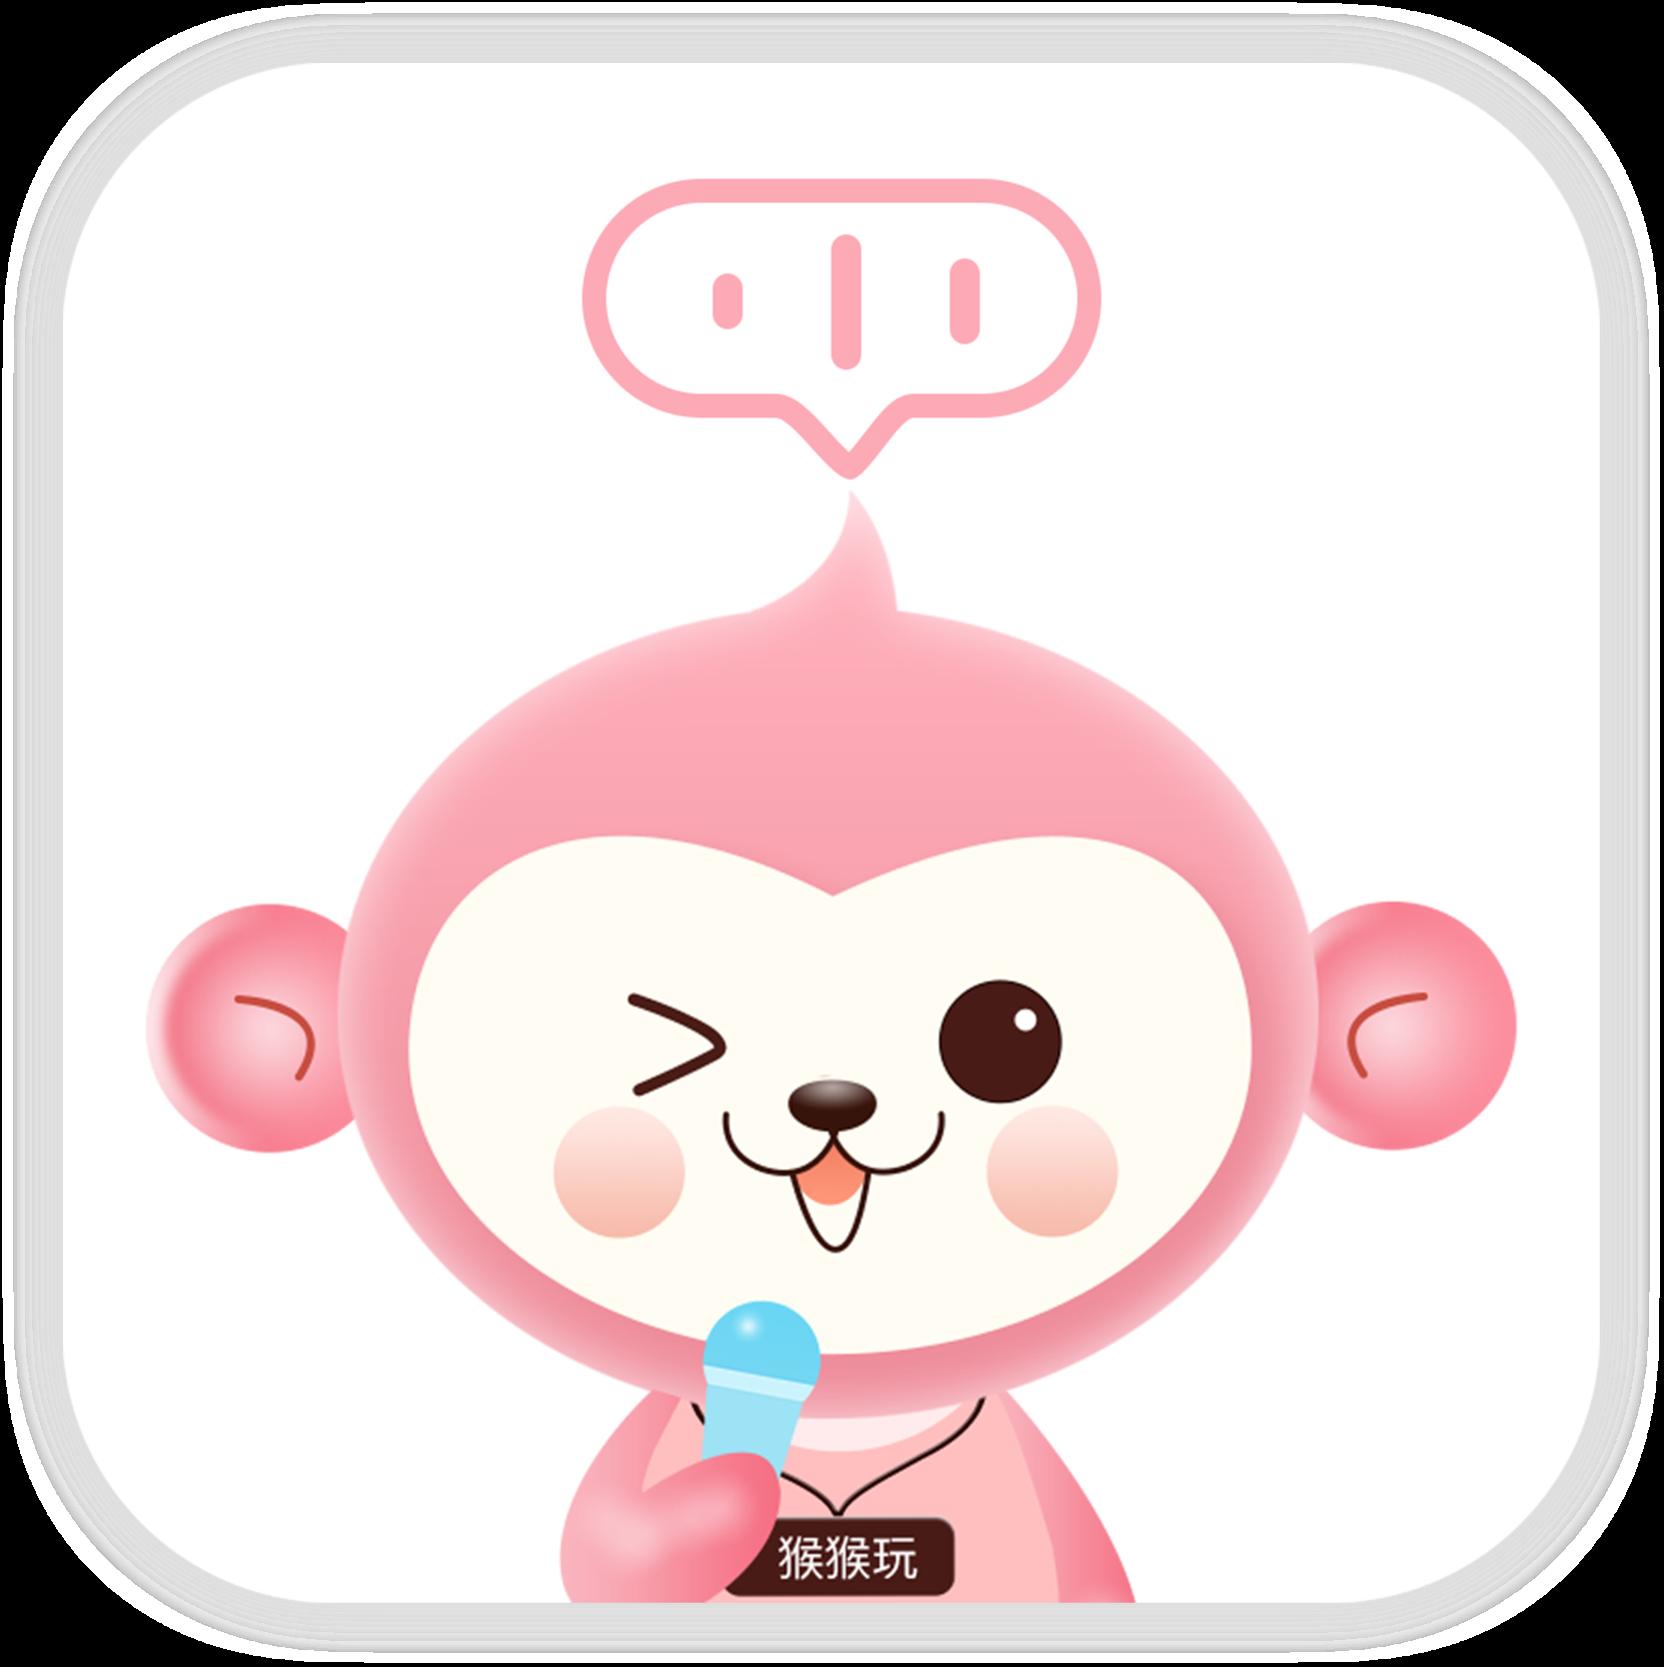 猴猴玩(语音交友)app破解版v1.5.0 免费版